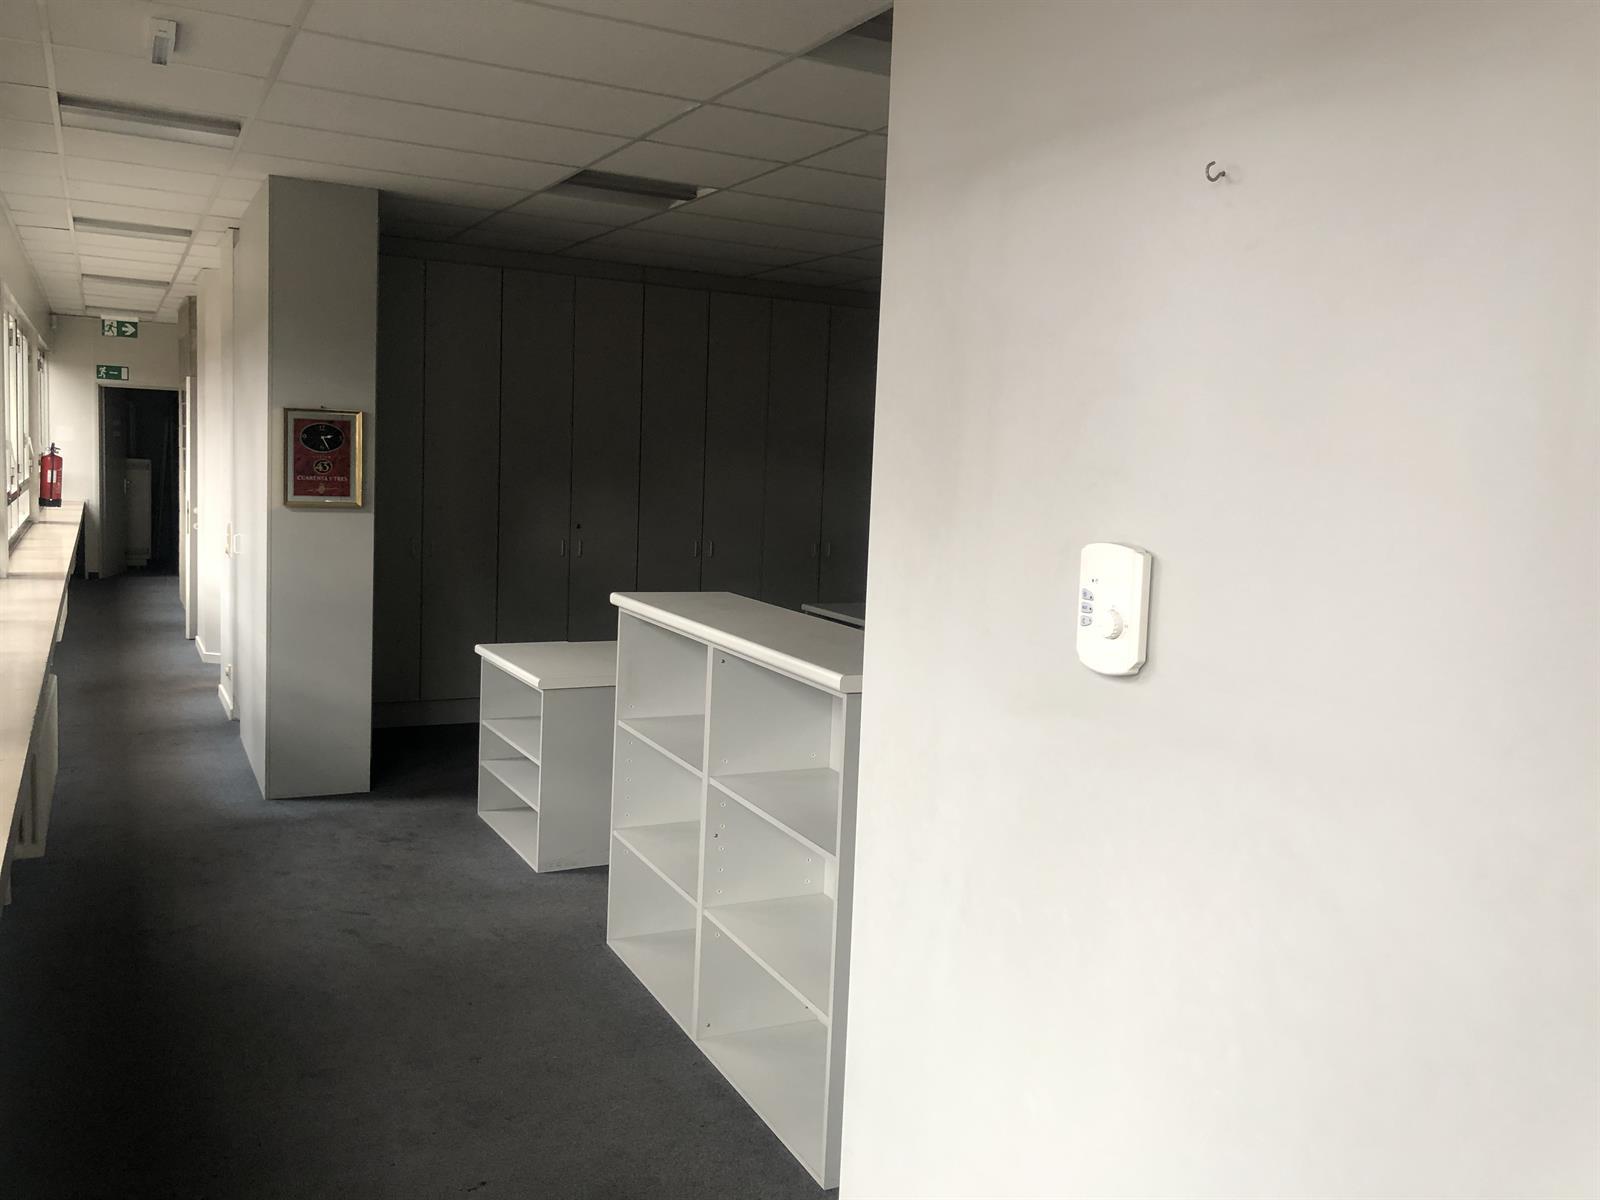 kantoor te huur K001 - Wilmarsdonksteenweg 11, 2030 Antwerpen, België 4